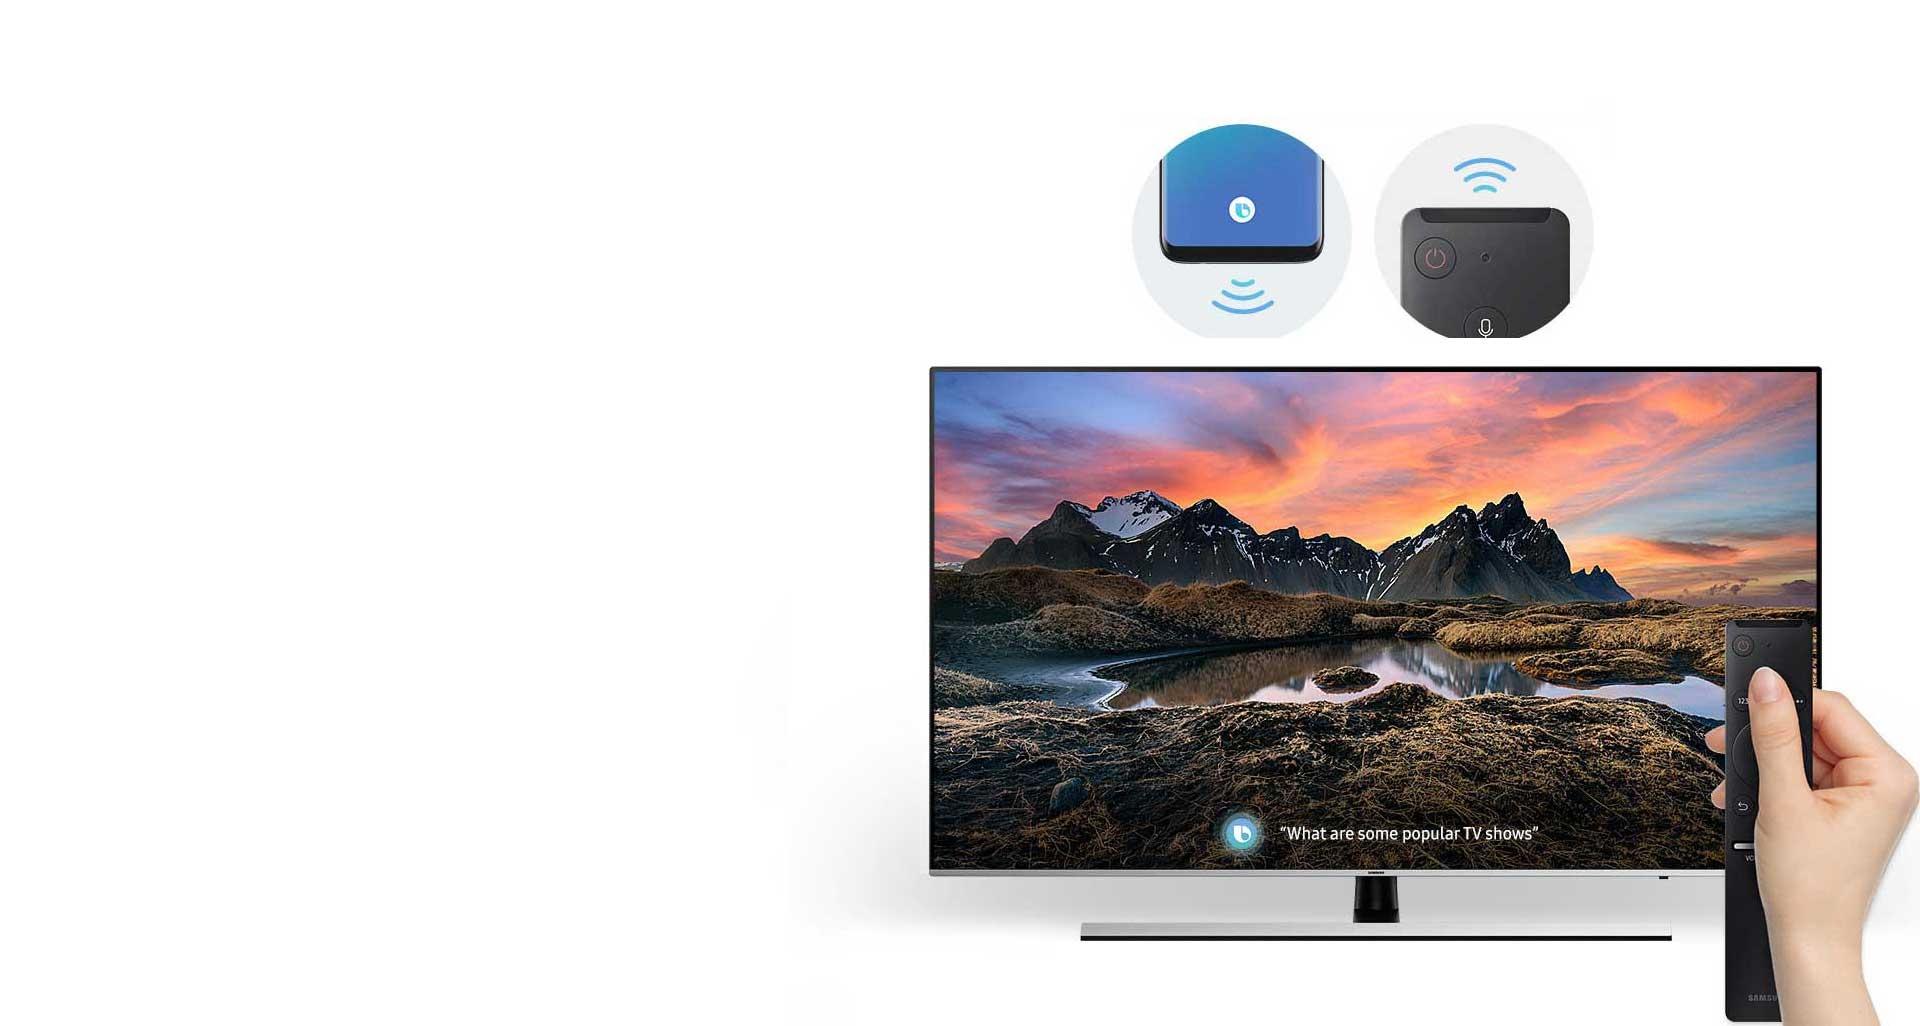 لذت بردن از تلویزیون NU8 توسط روش هوشمند بیکسبی